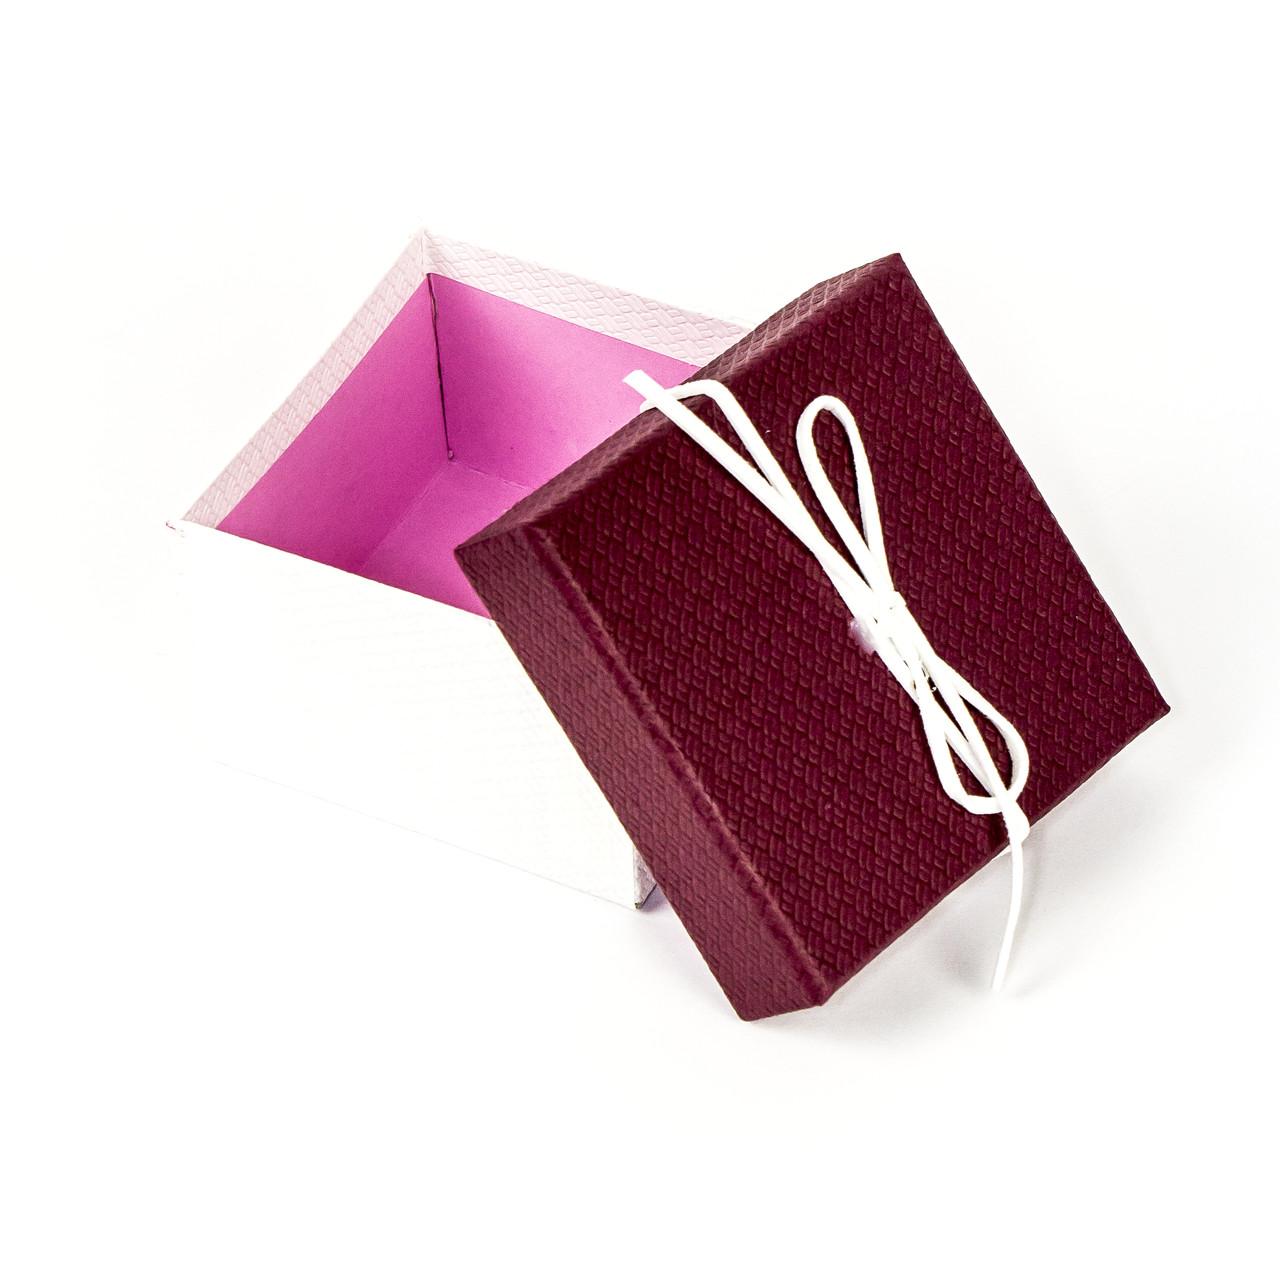 Подарочная коробка под бижутерию красная с белым бантиком 9 x 9 x 5,8 см